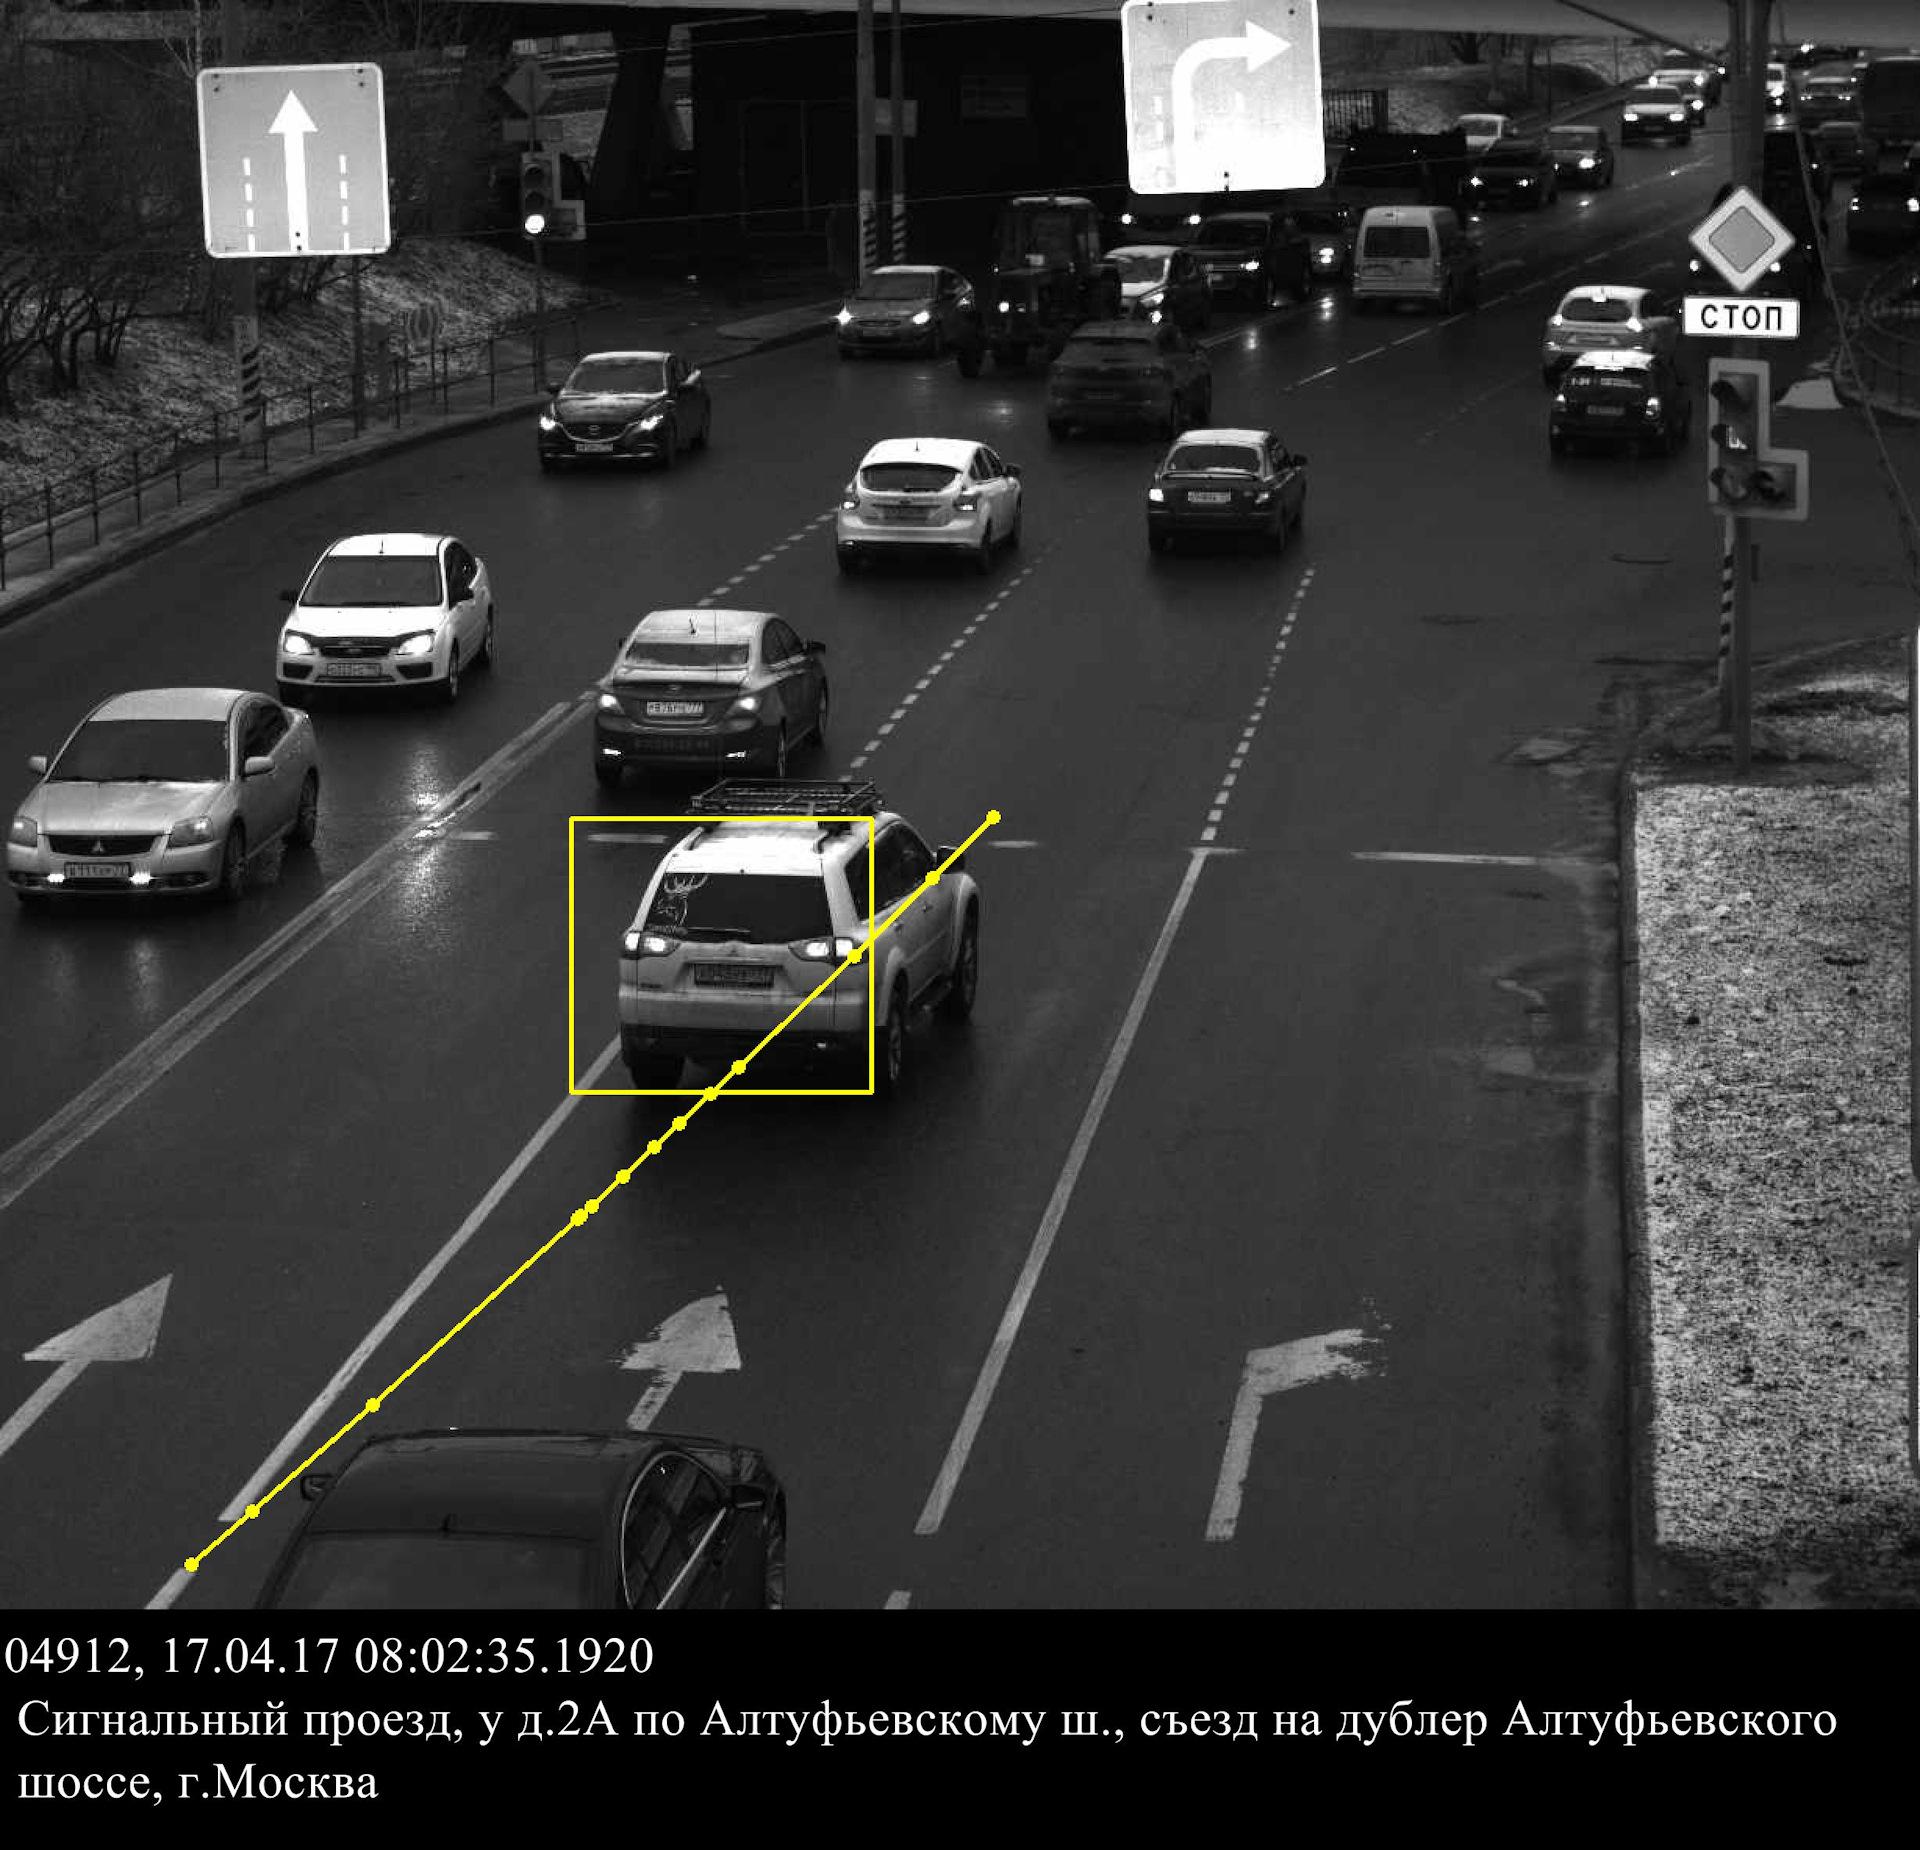 фото несоблюдение дорожных знаков или разметкой работе